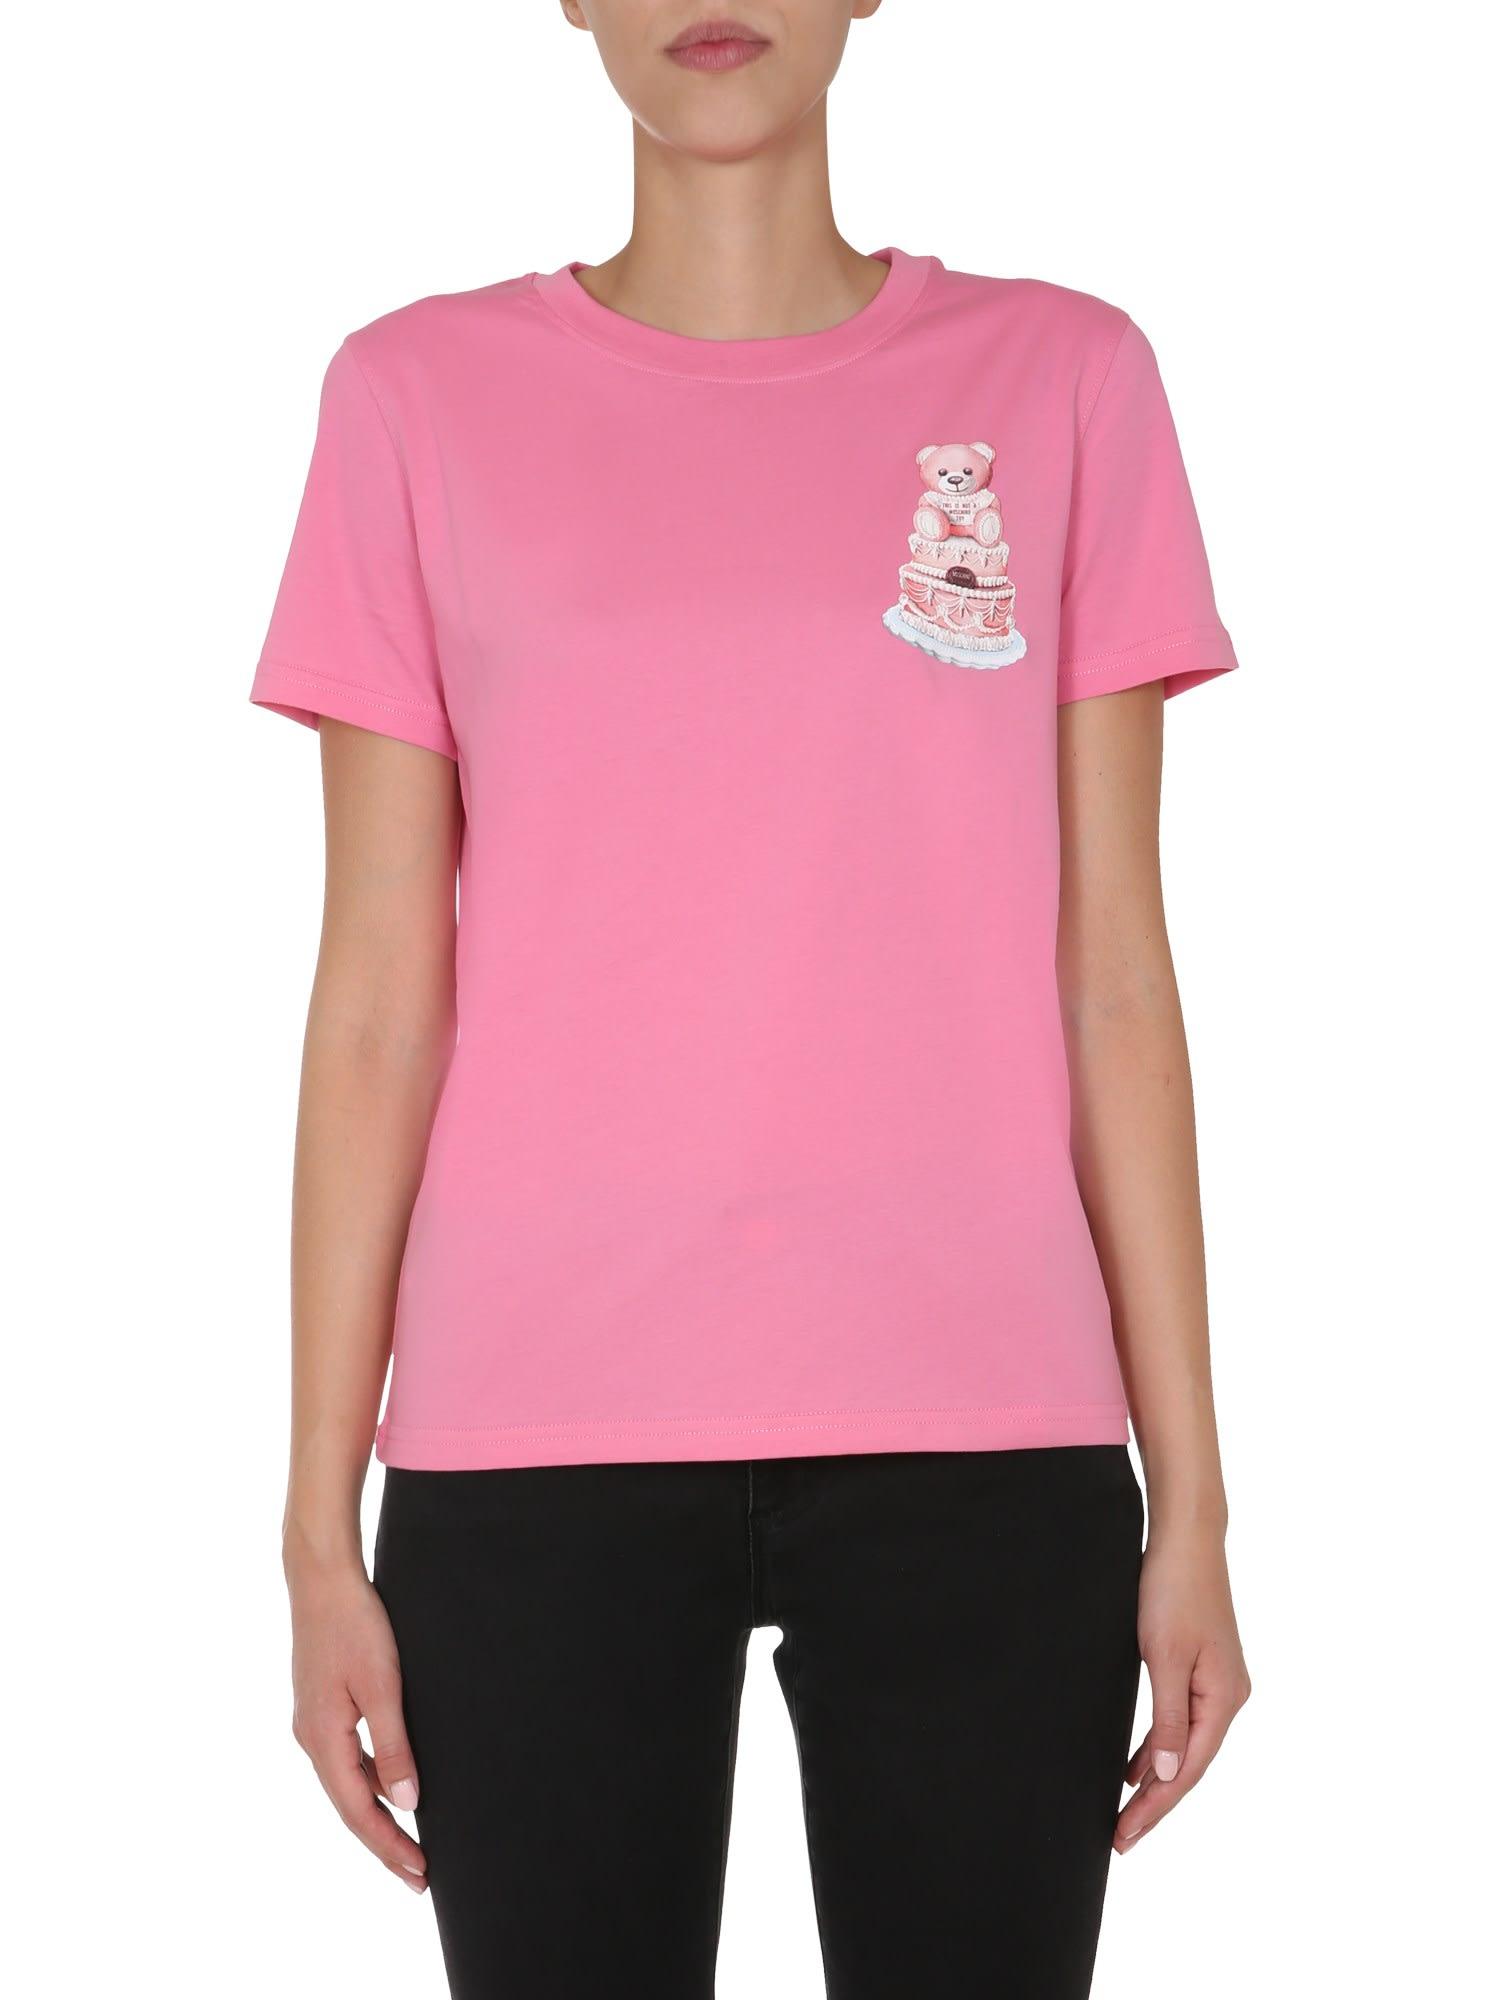 Moschino Round Neck T-shirt